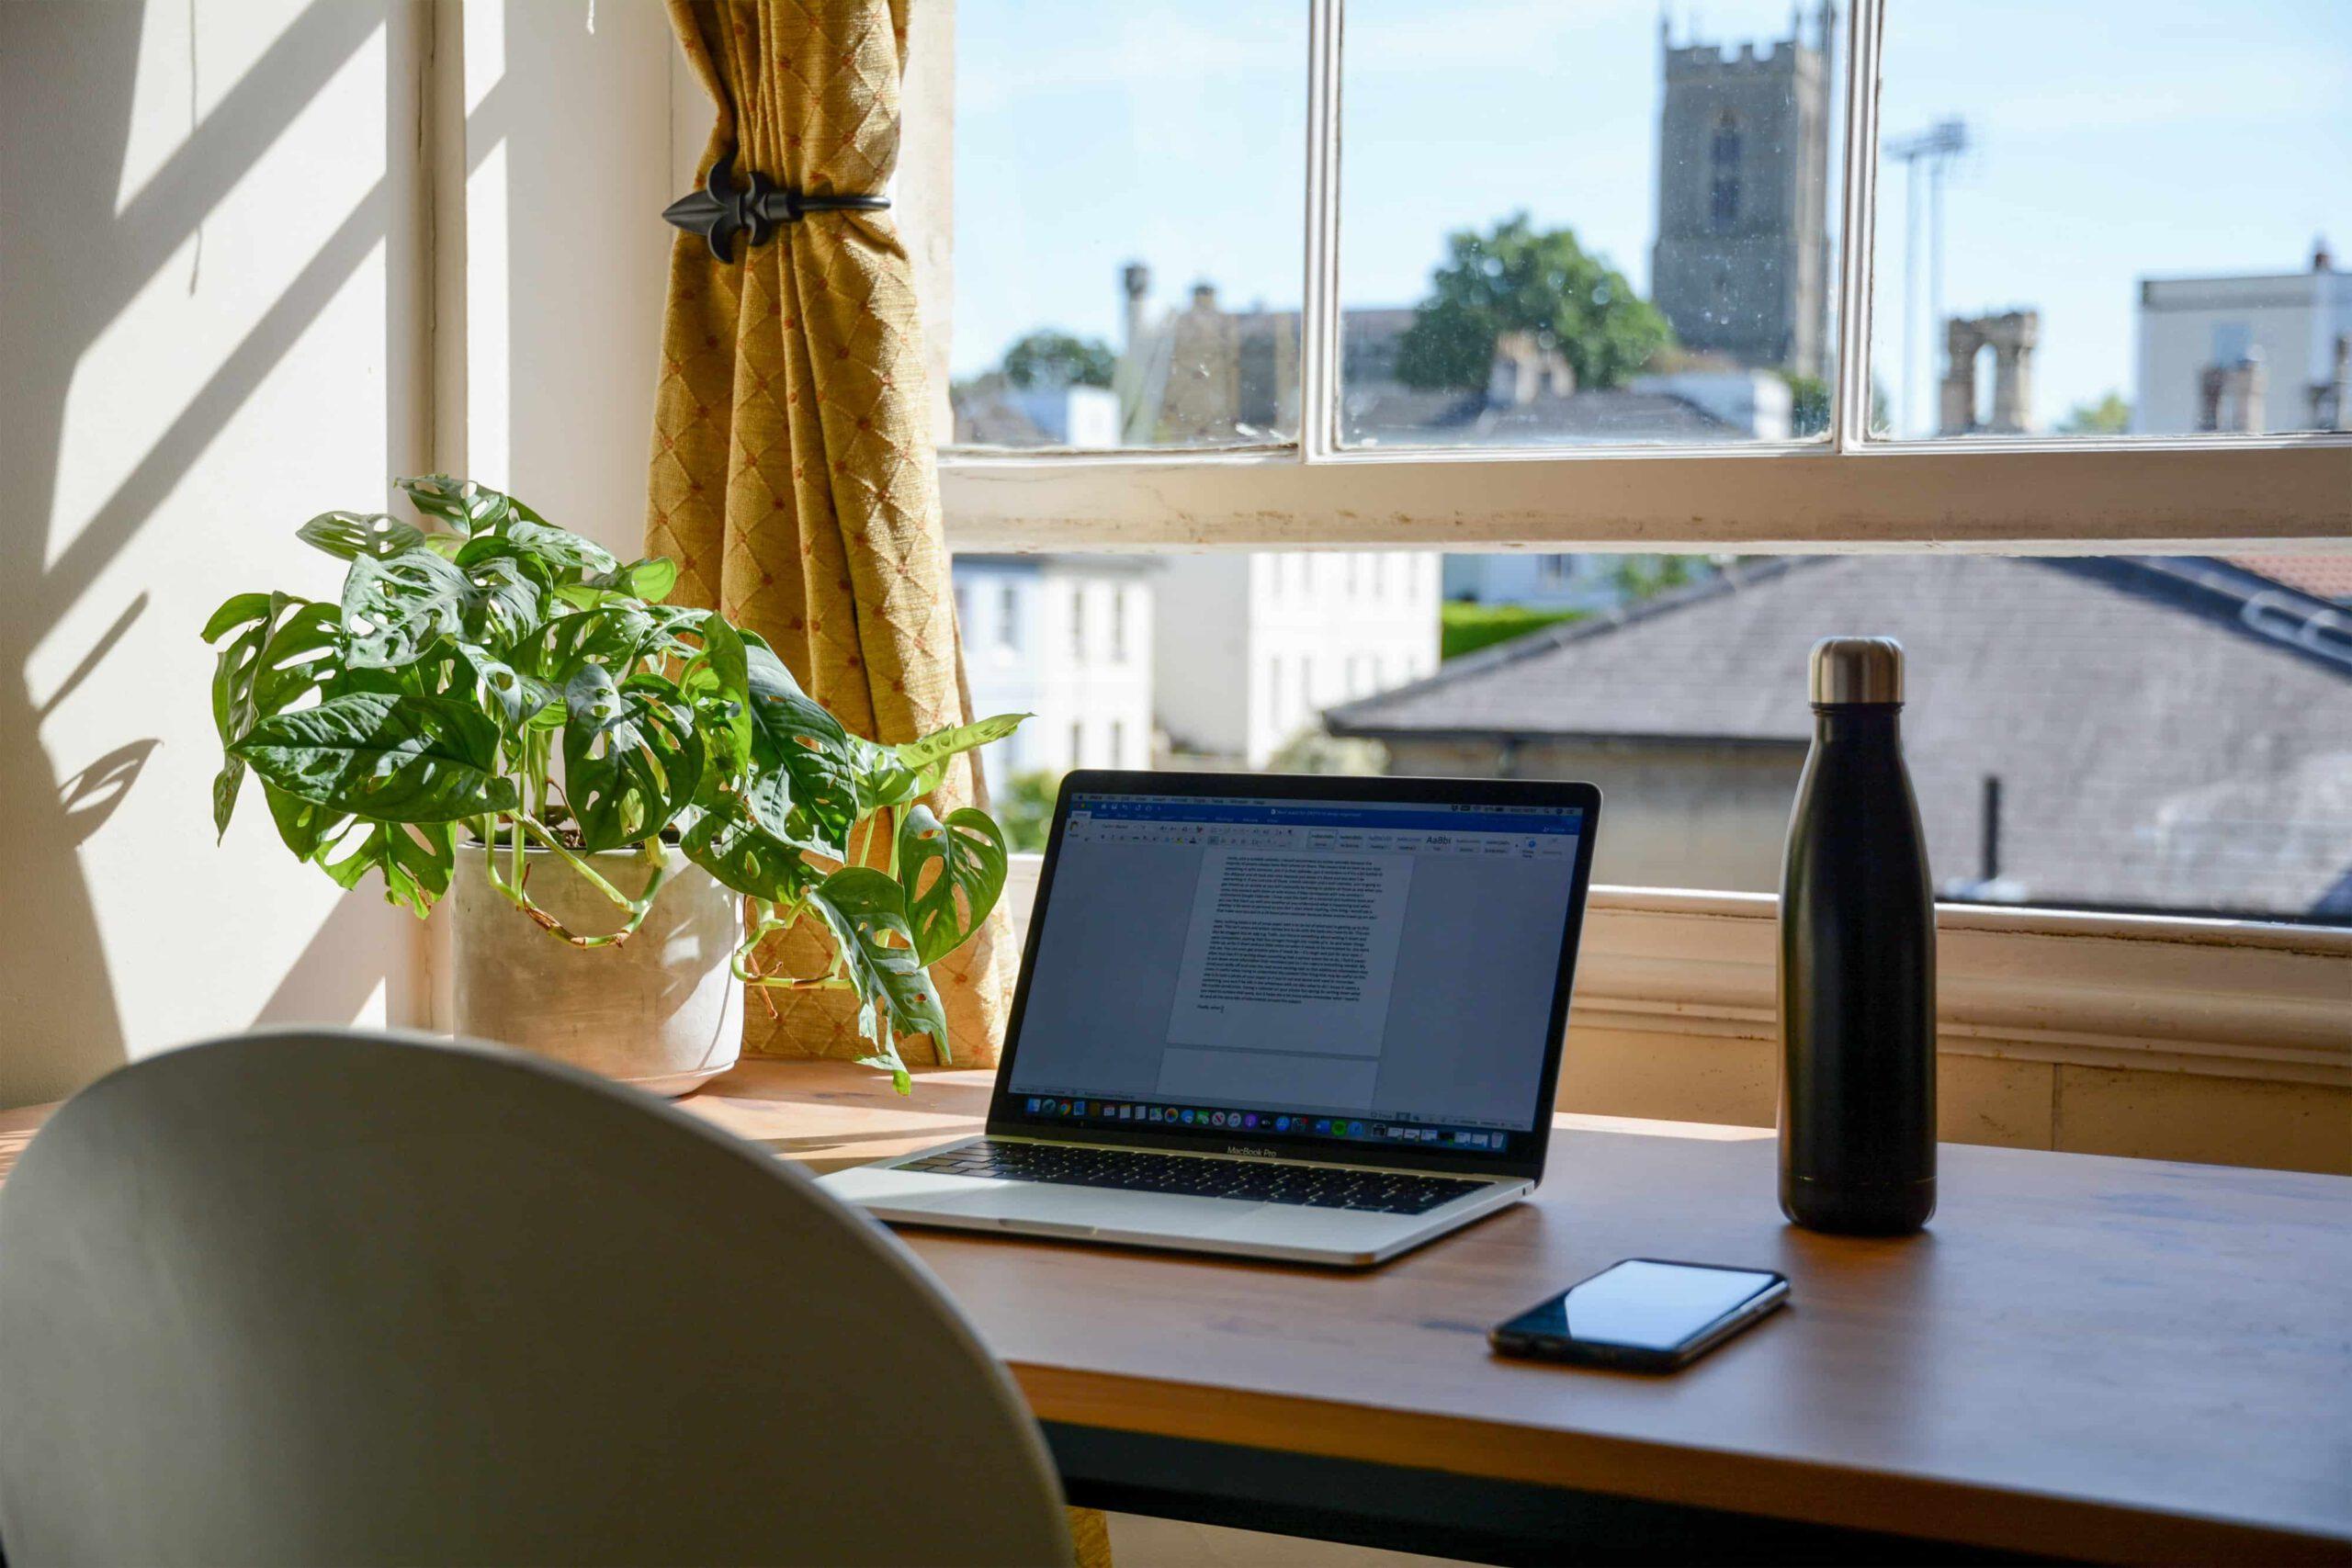 Thuiswerken? Zorg voor een optimale werkplek